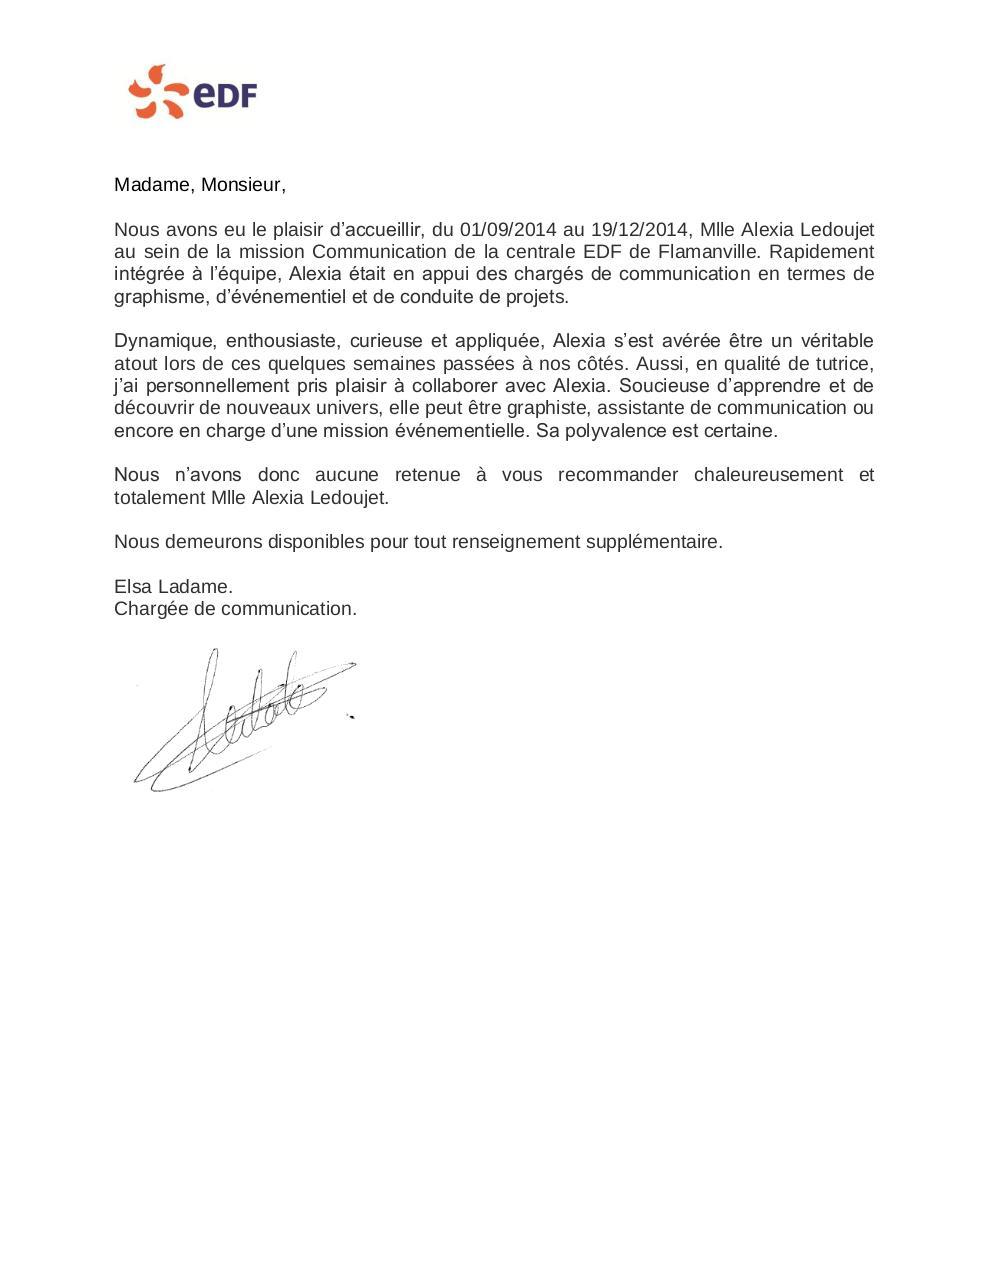 LETTRE DE RECOMMANDATION EDF Elsa Ladame par G04372   Fichier PDF